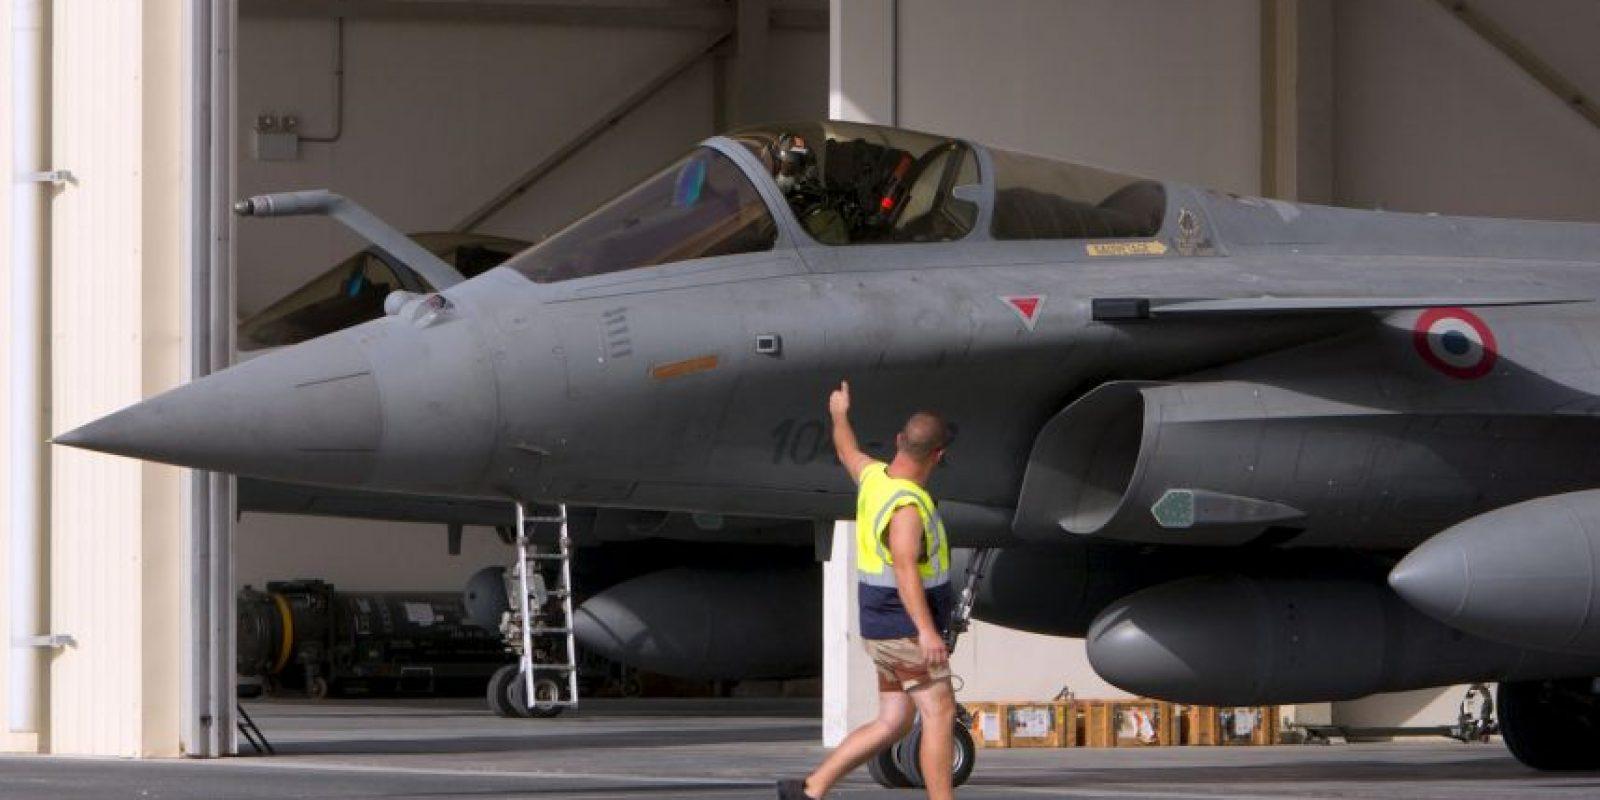 Estados Unidos ha comandado ataques con drones. Foto:AFP/ ECPAD